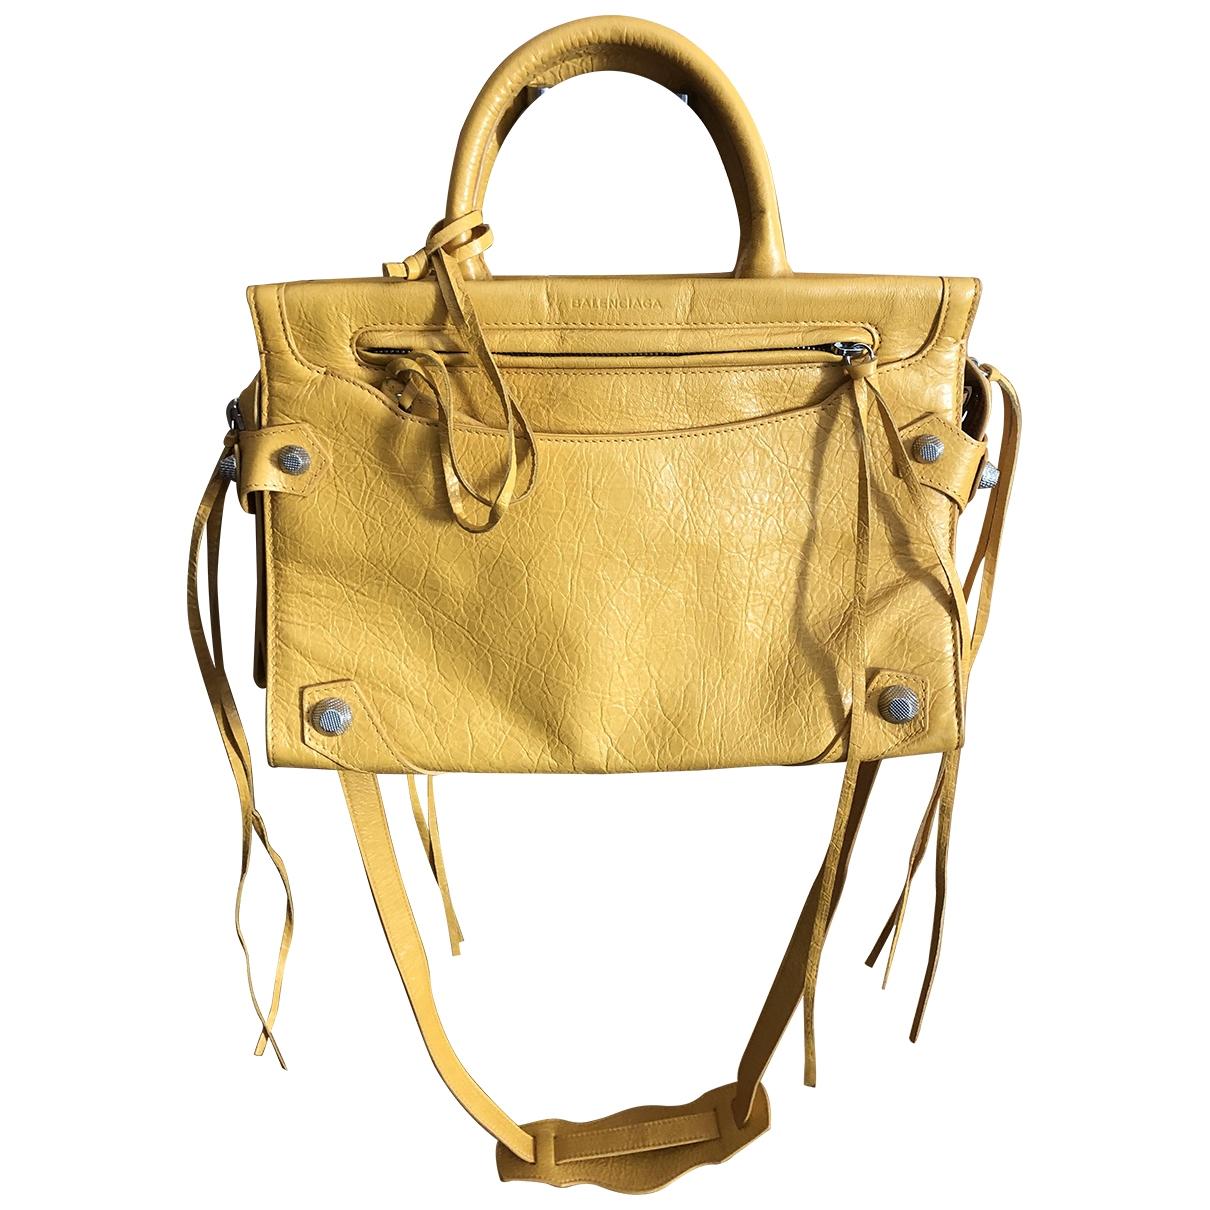 Balenciaga - Sac a main   pour femme en cuir - jaune